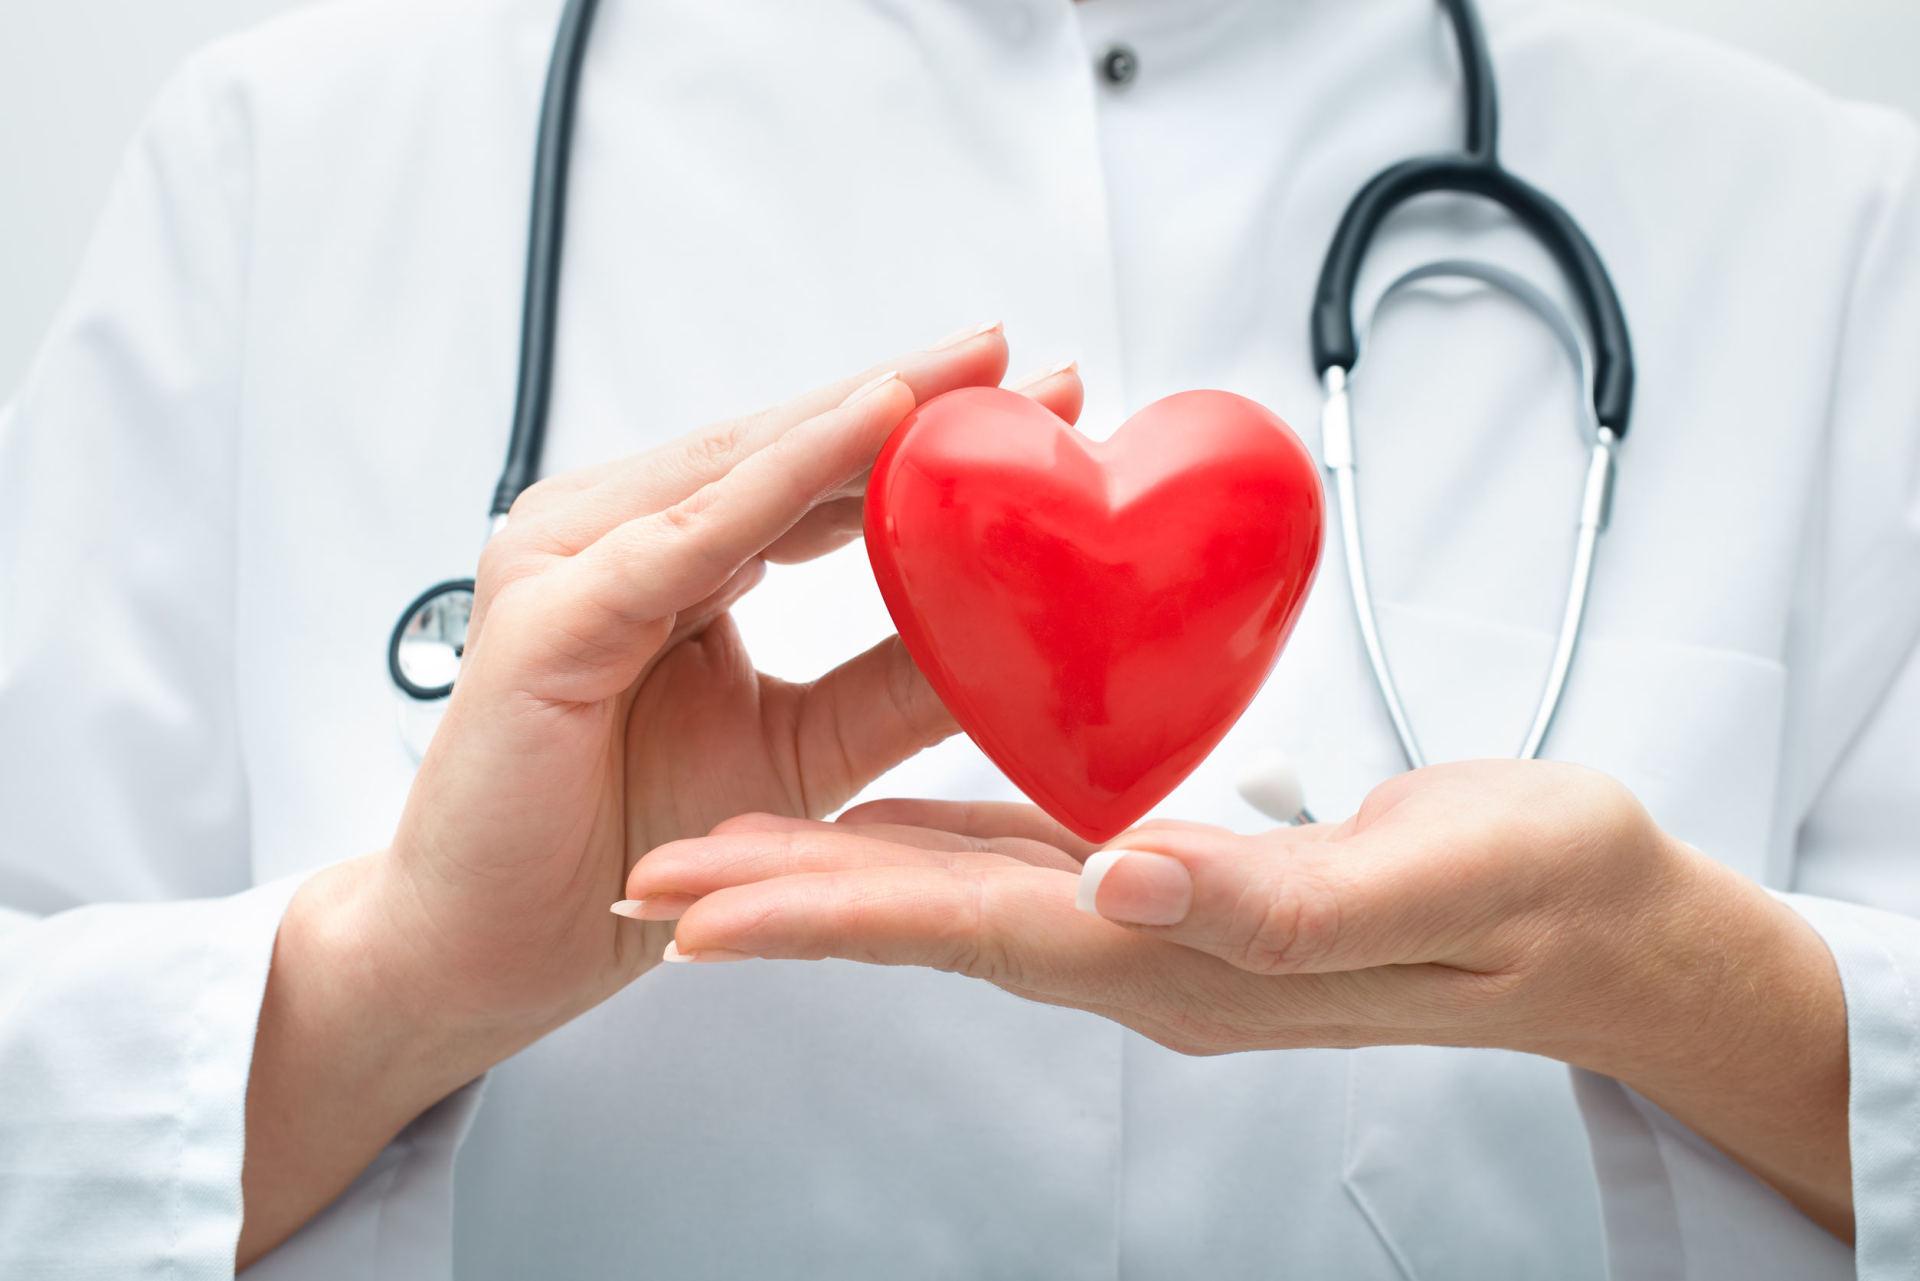 geresnei širdies sveikatai mankštintis sunkiau, ne ilgiau)